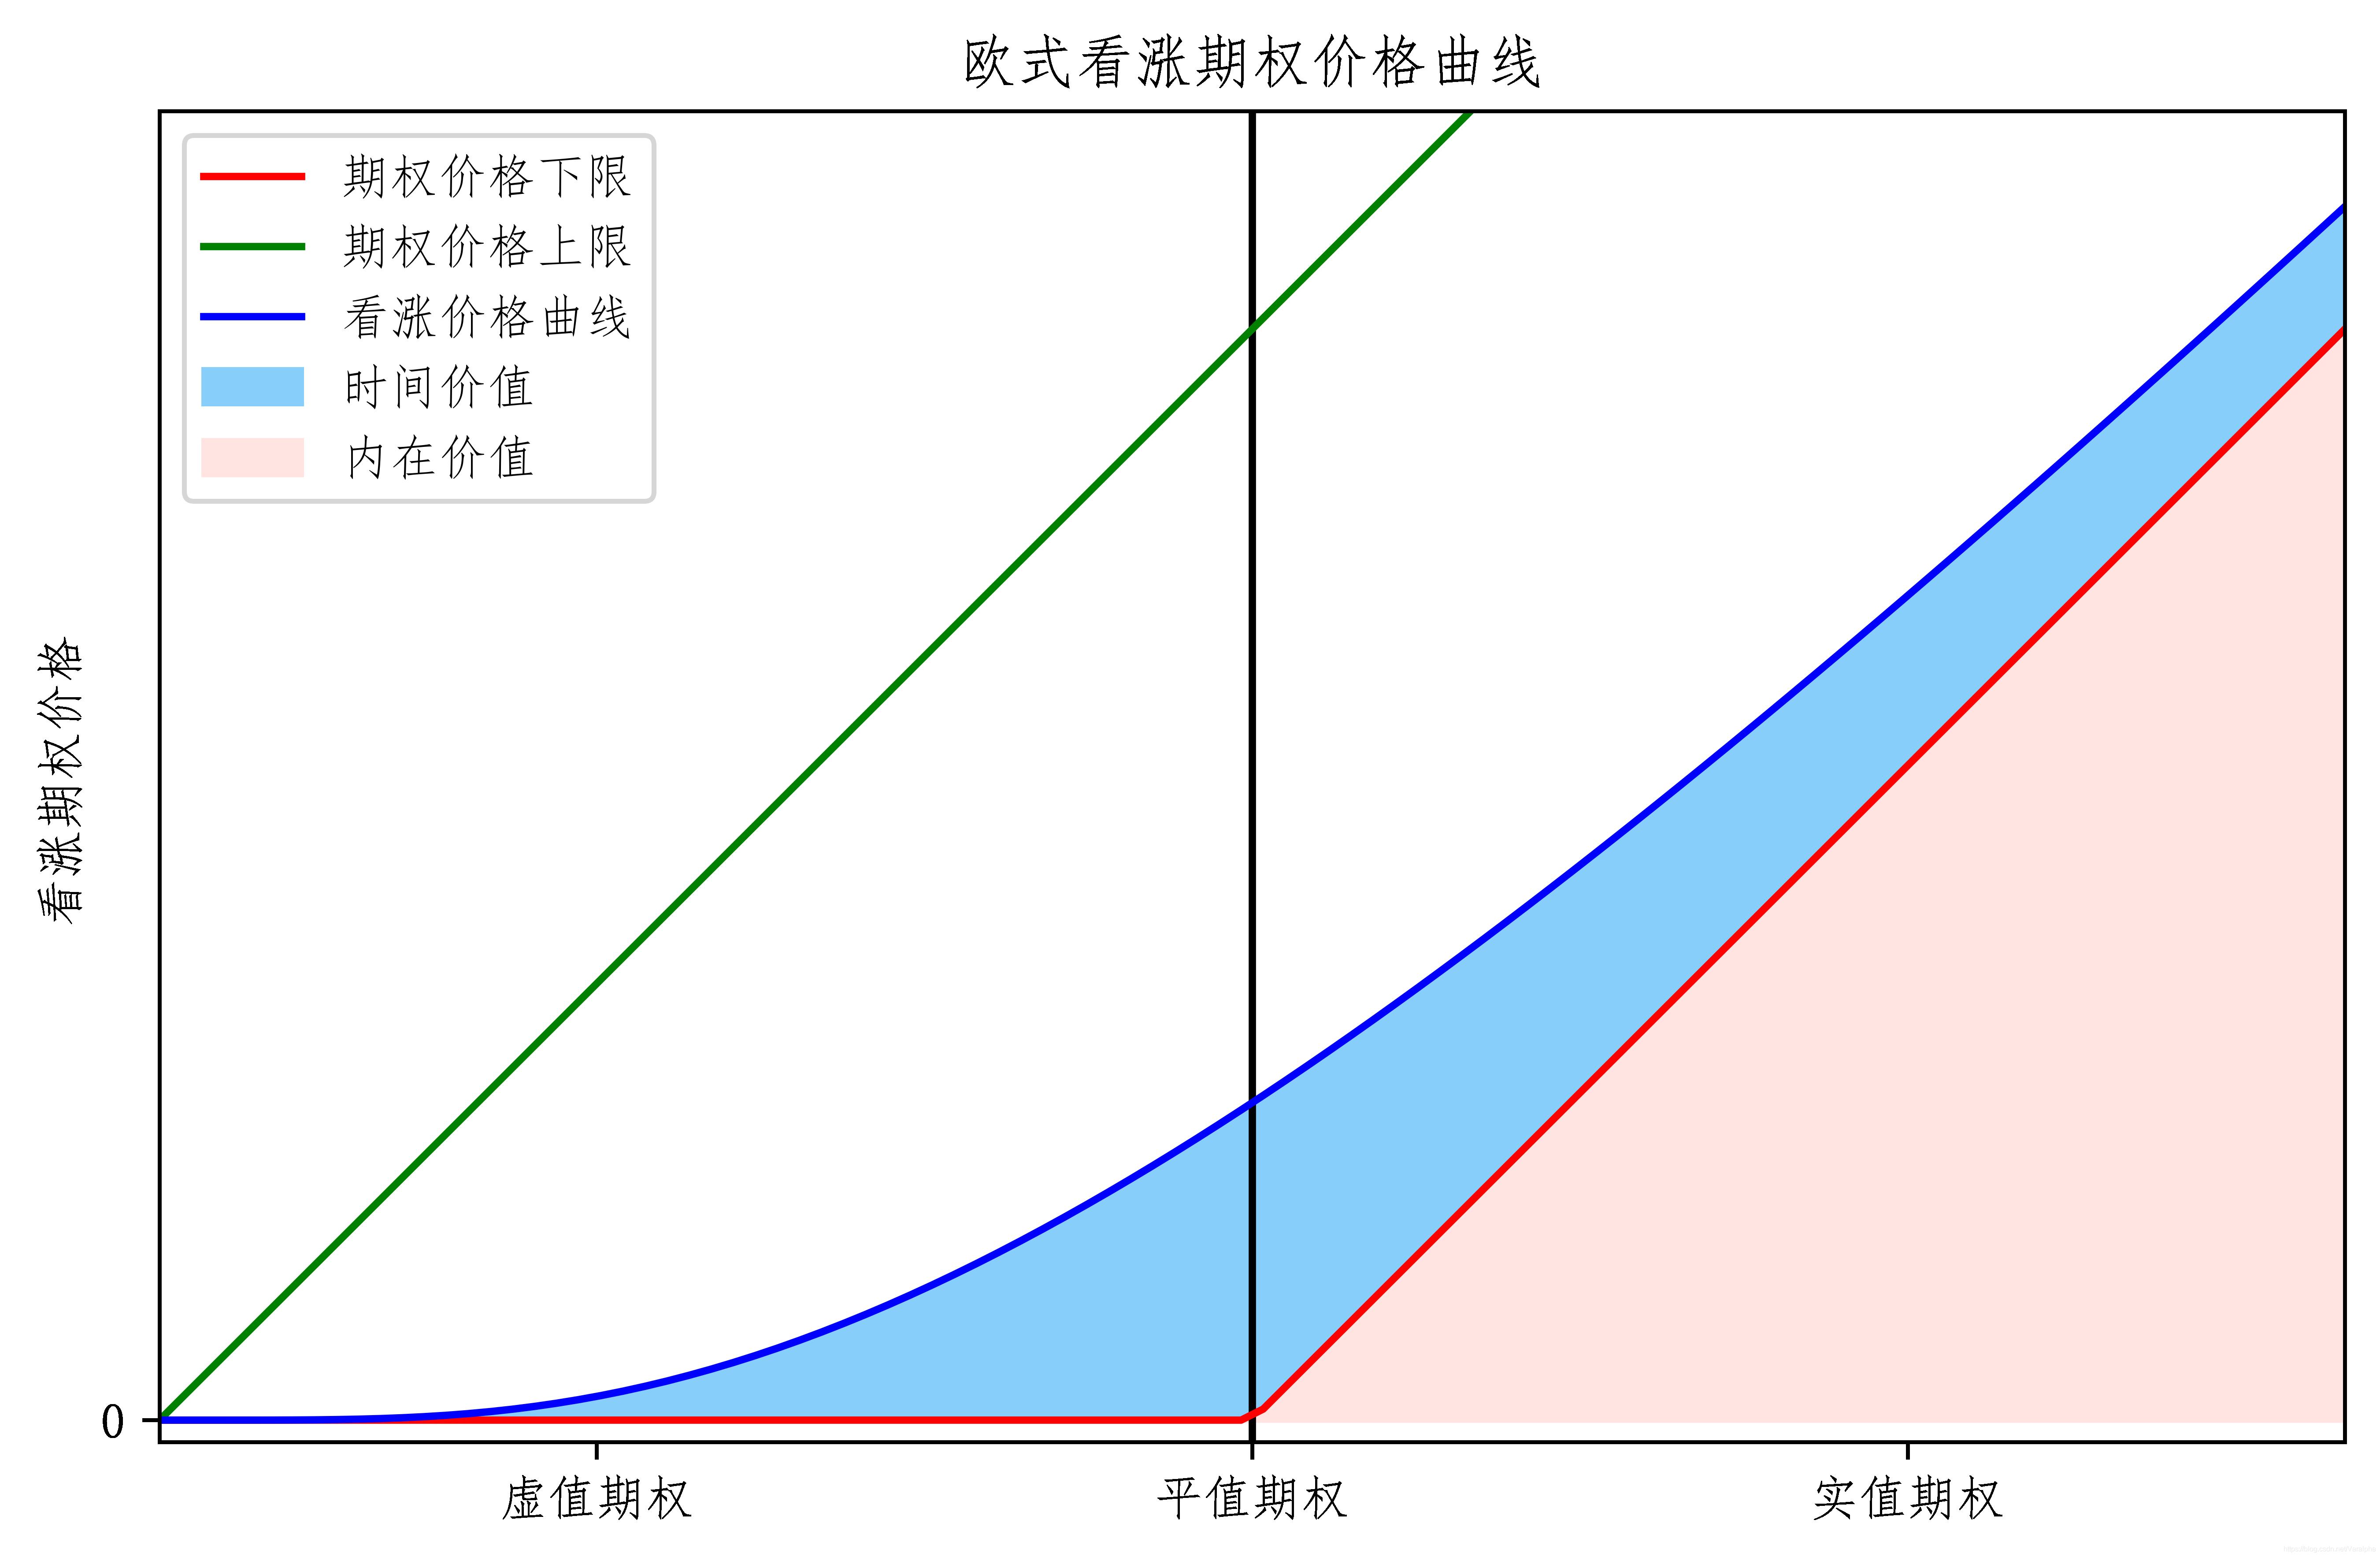 欧式期权价格曲线